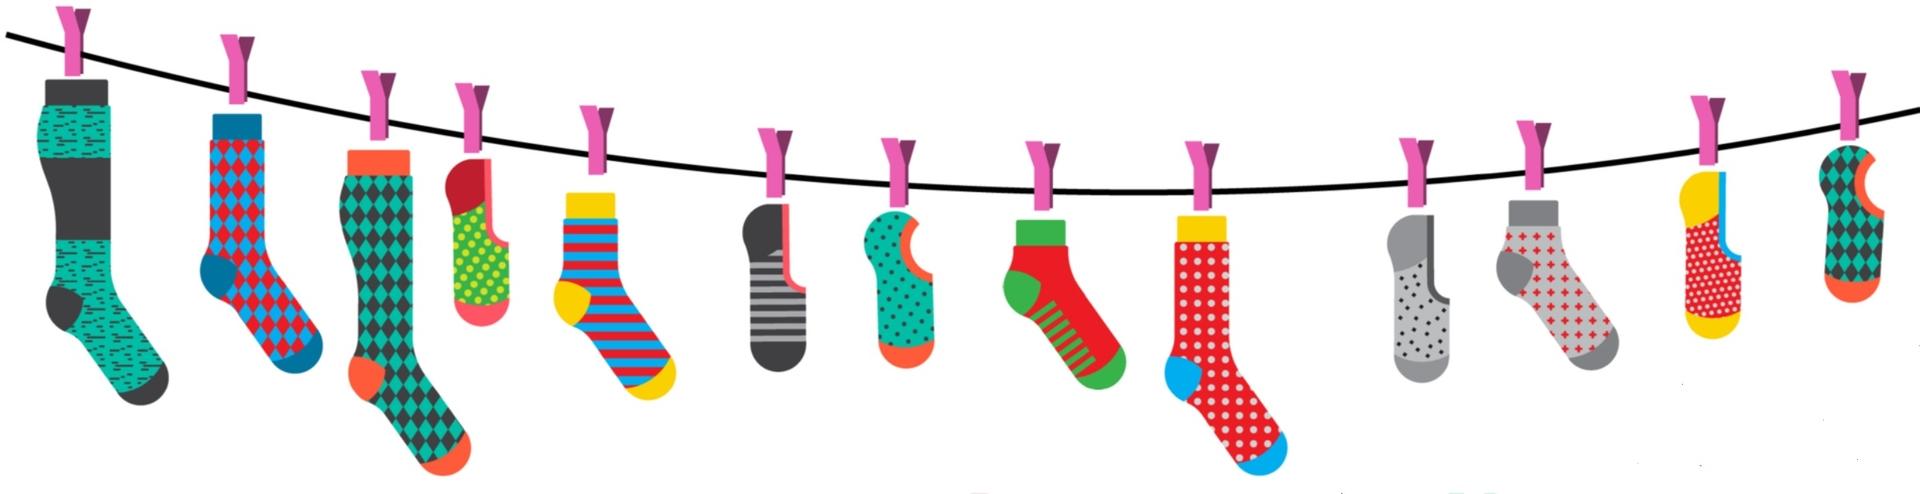 sokken kopen online